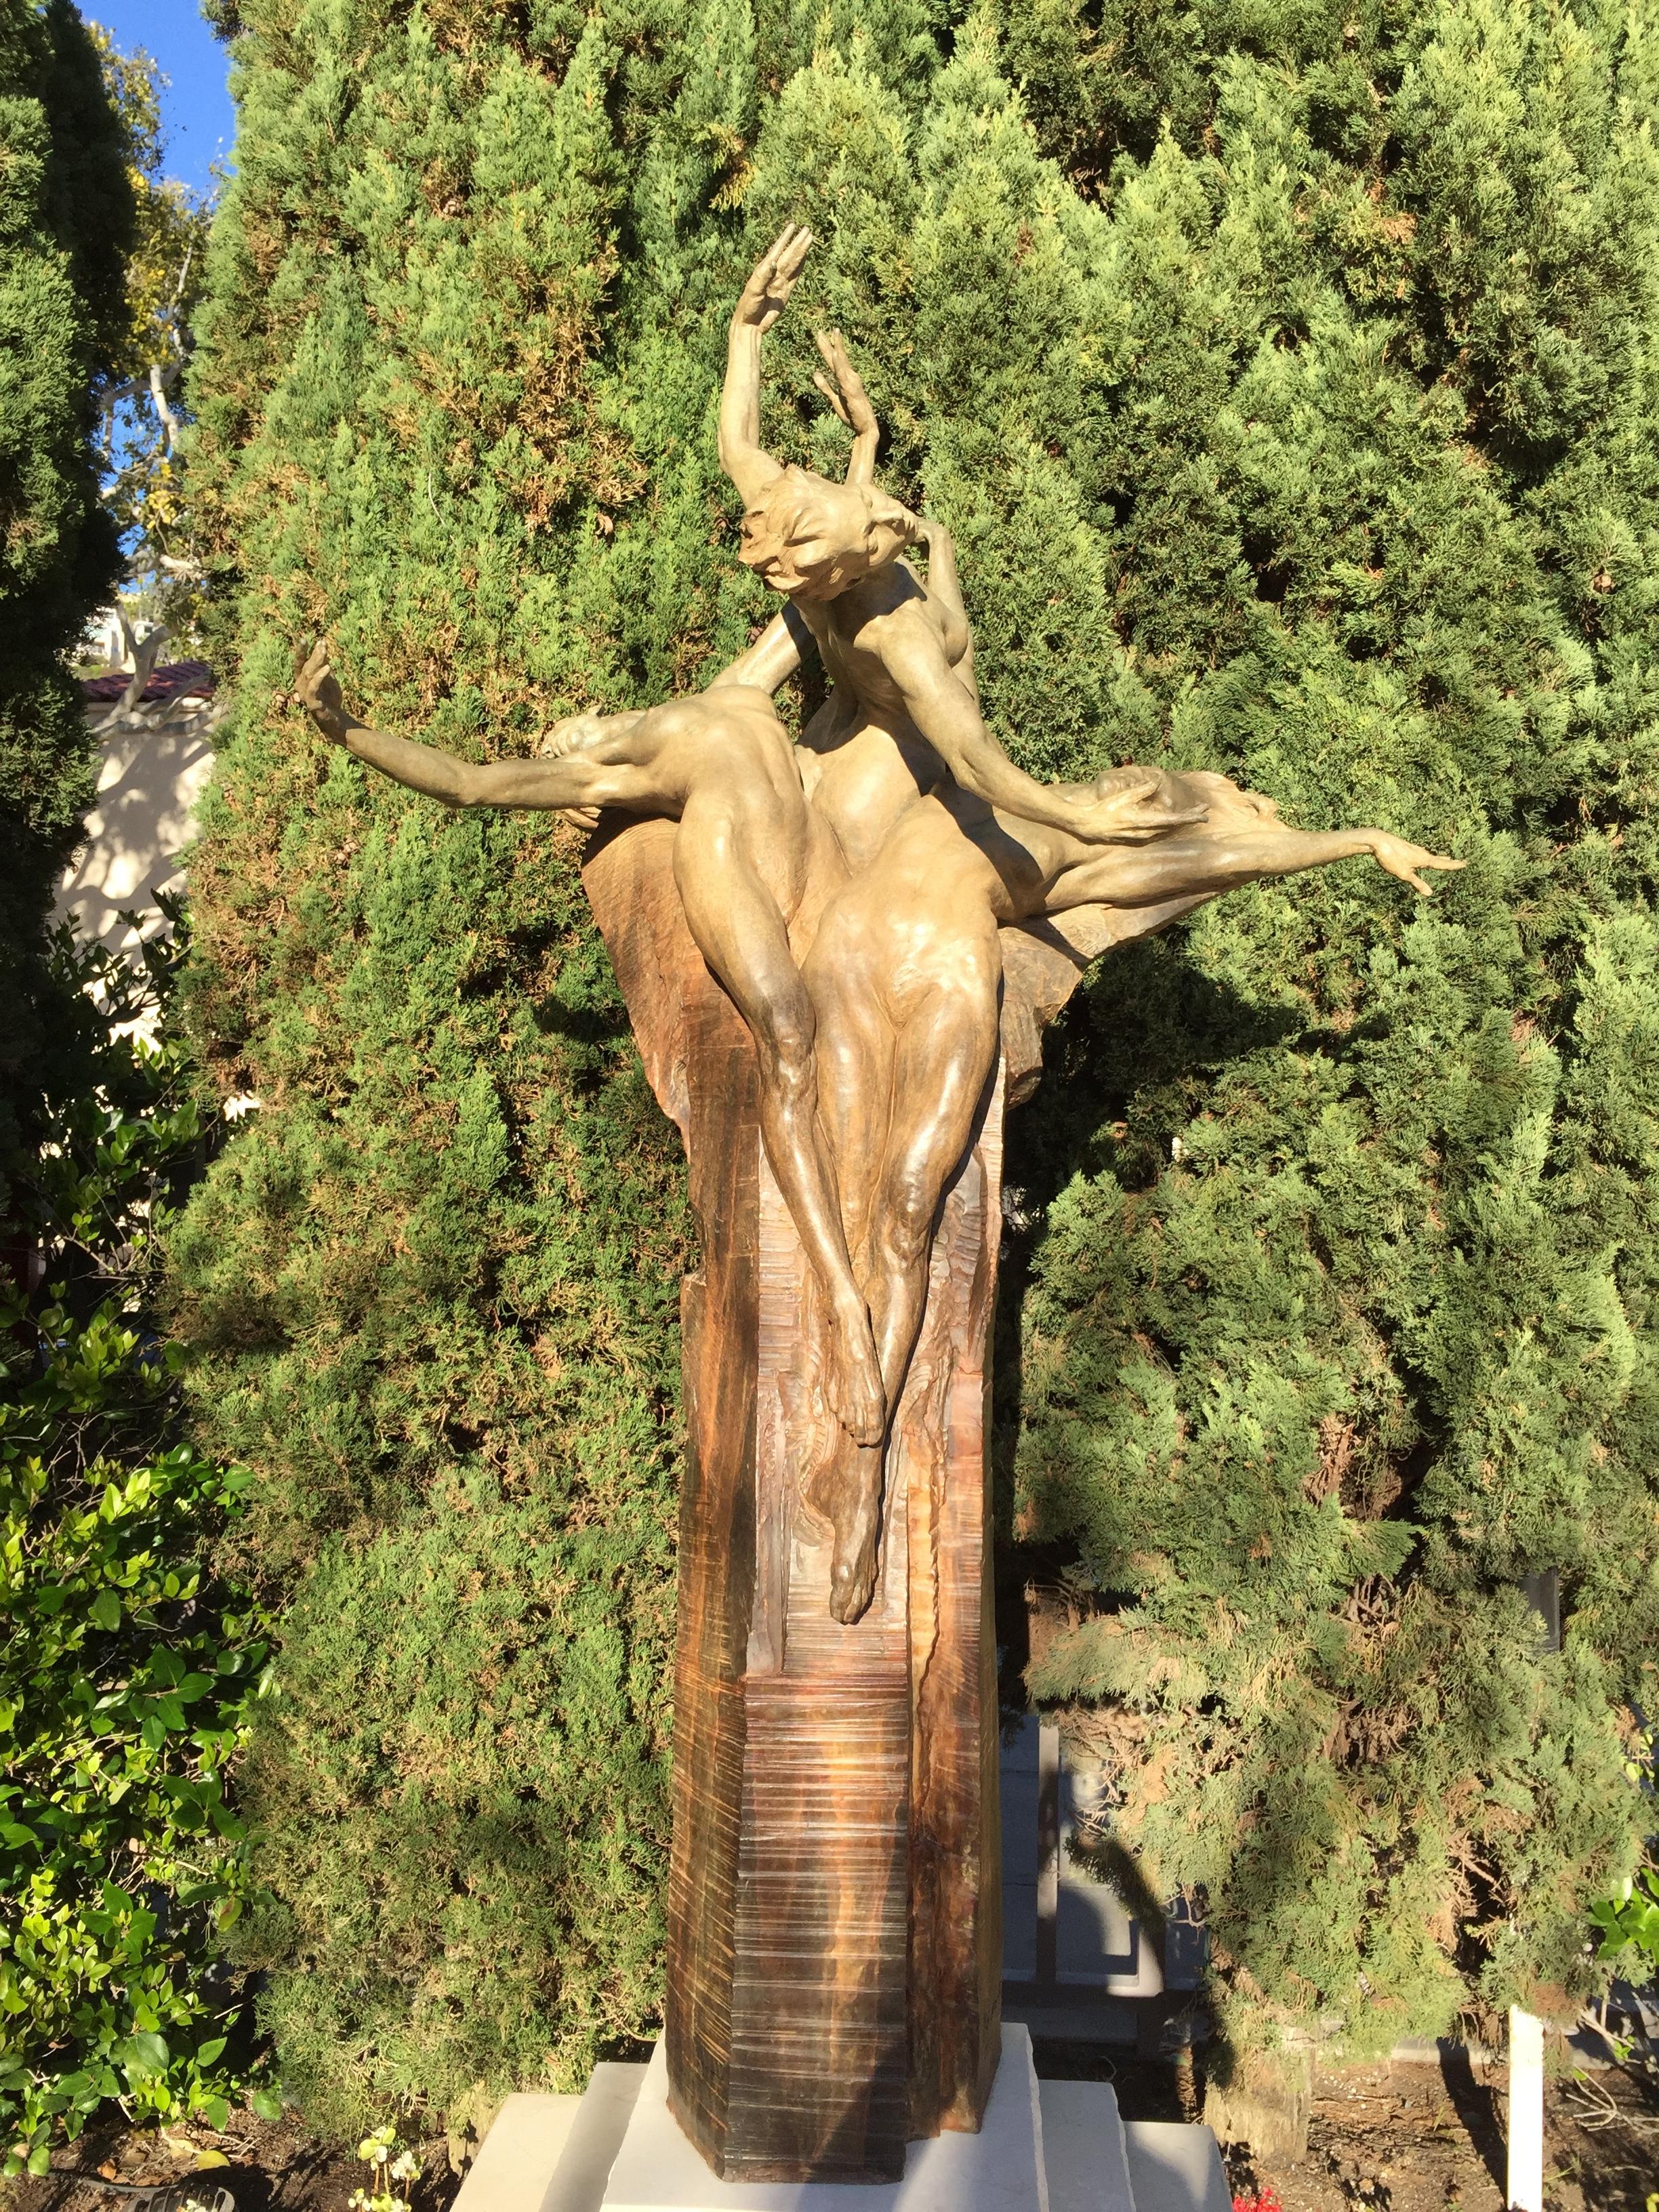 Public Sculpture